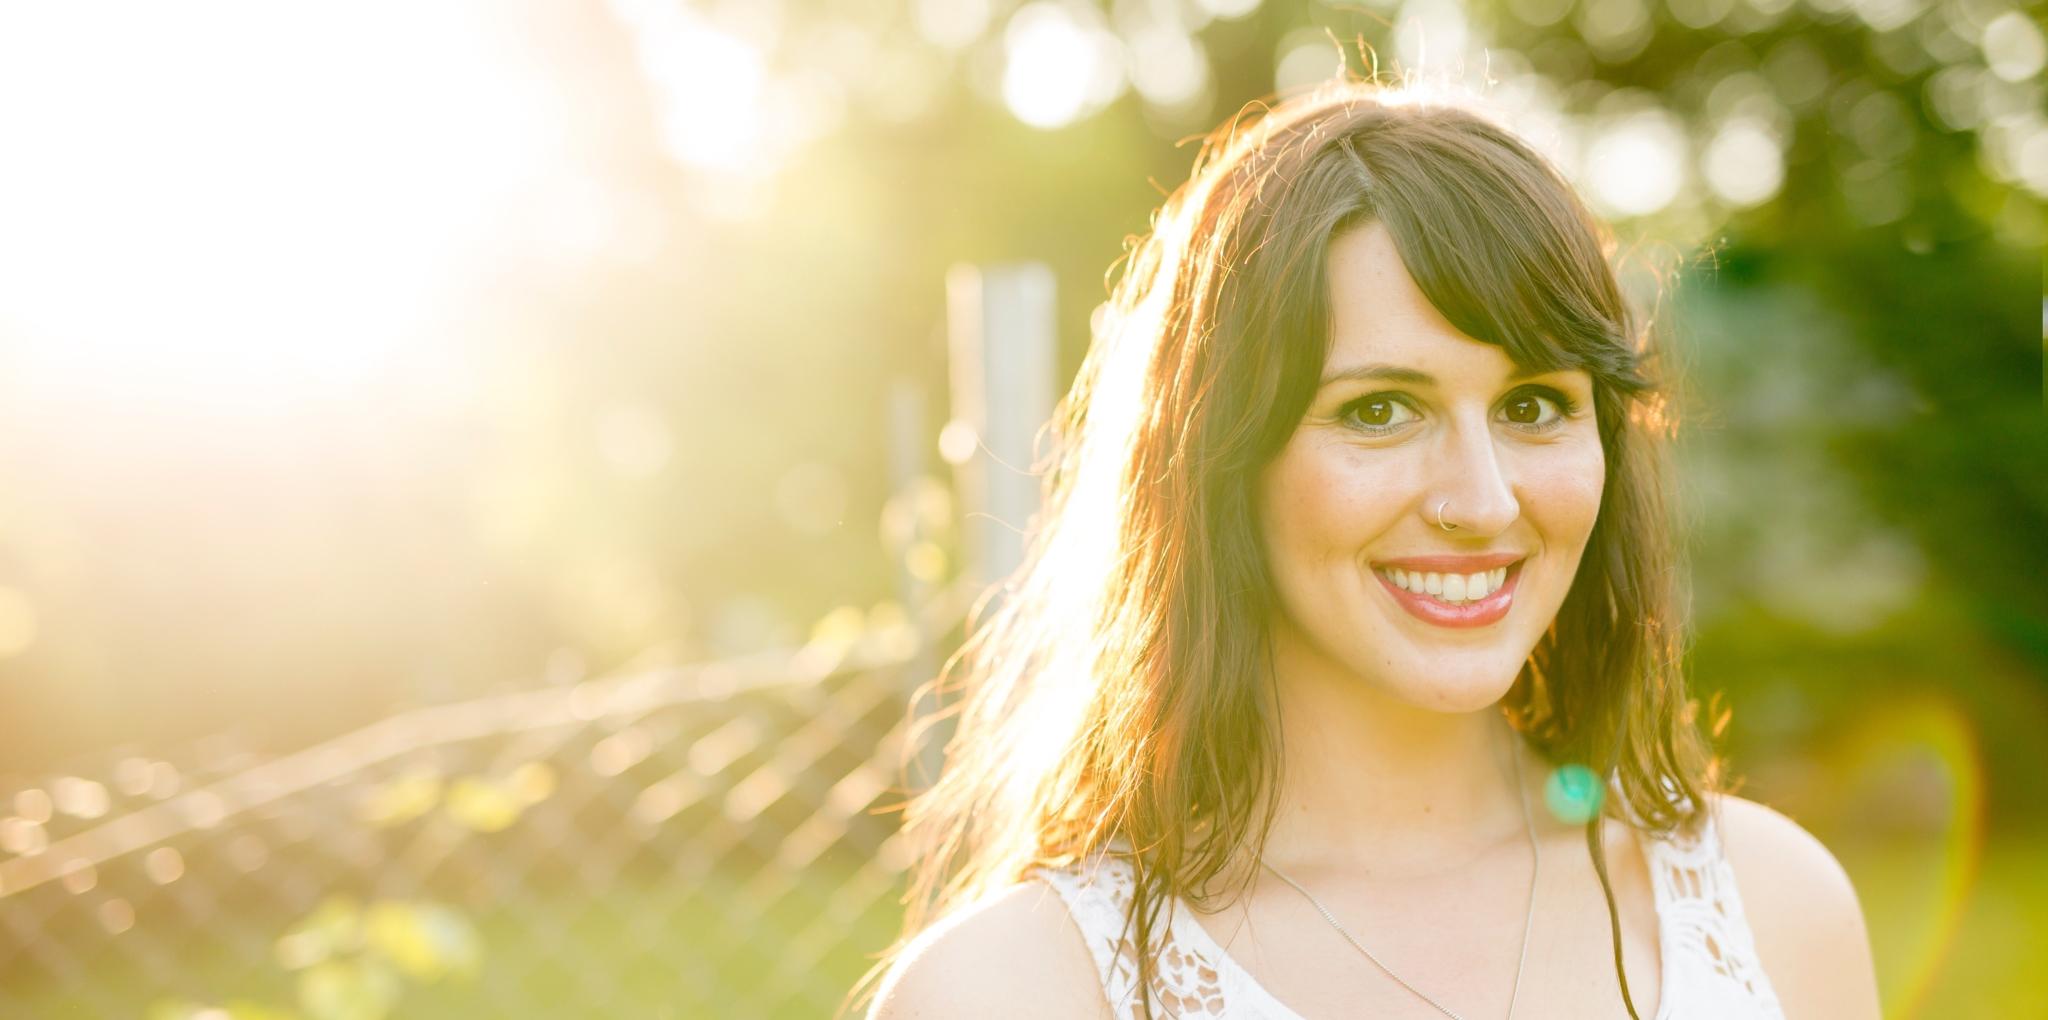 Girl Smiling in Sunshine